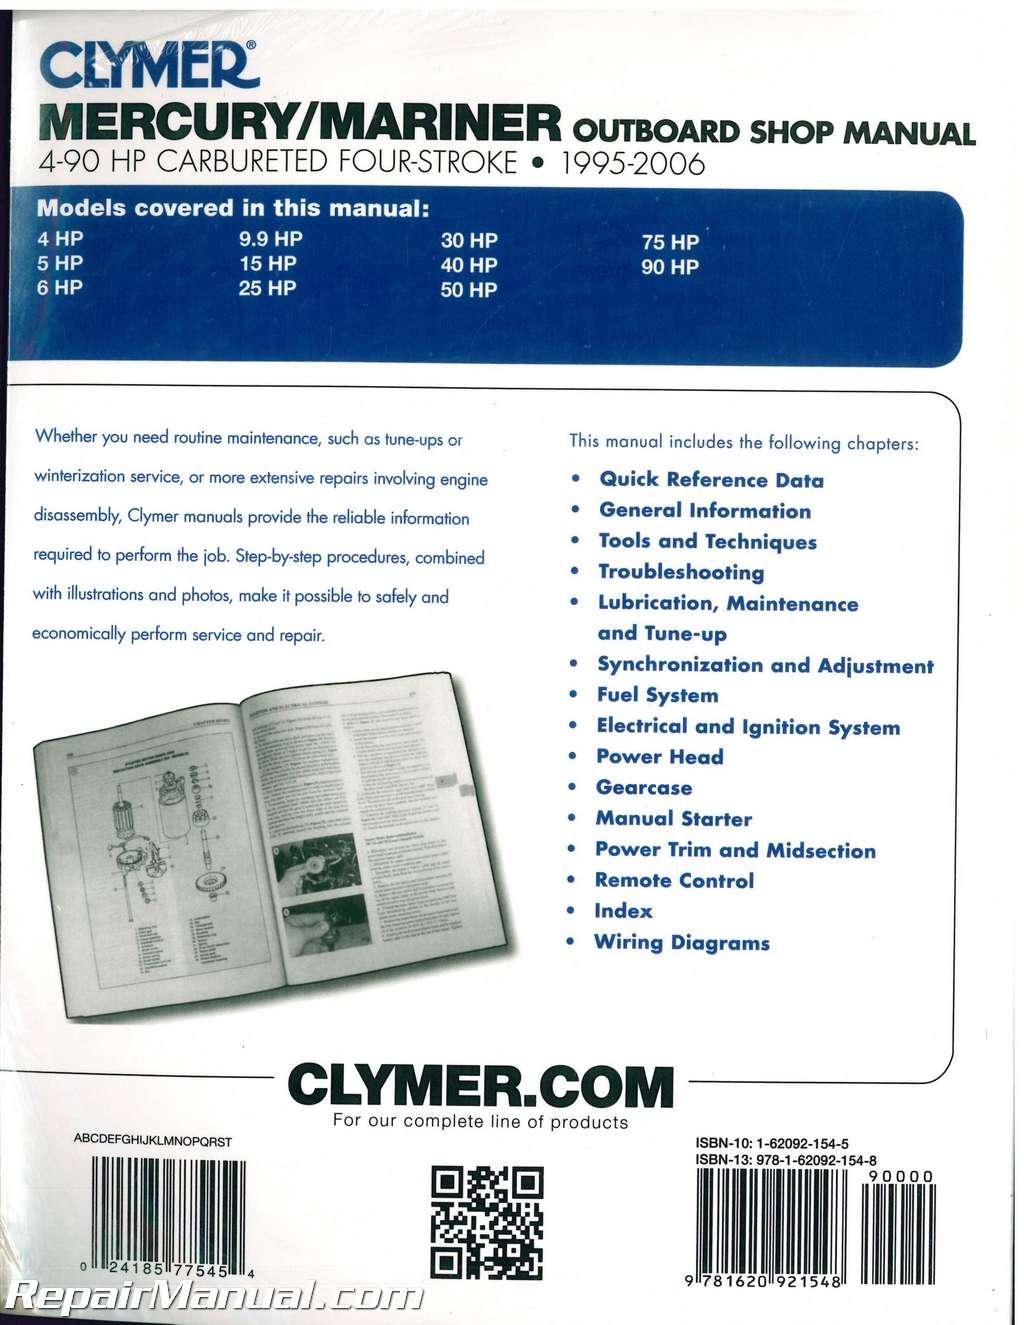 1995-2006 Mercury-Mariner 4-90hp Outboard Repair Manual by Clymer on mariner 115 hp wiring diagram, mariner 70 hp wiring diagram, mariner 75 hp wiring diagram, mariner 25 hp wiring diagram, mariner 8 hp wiring diagram, mariner 60 hp wiring diagram,